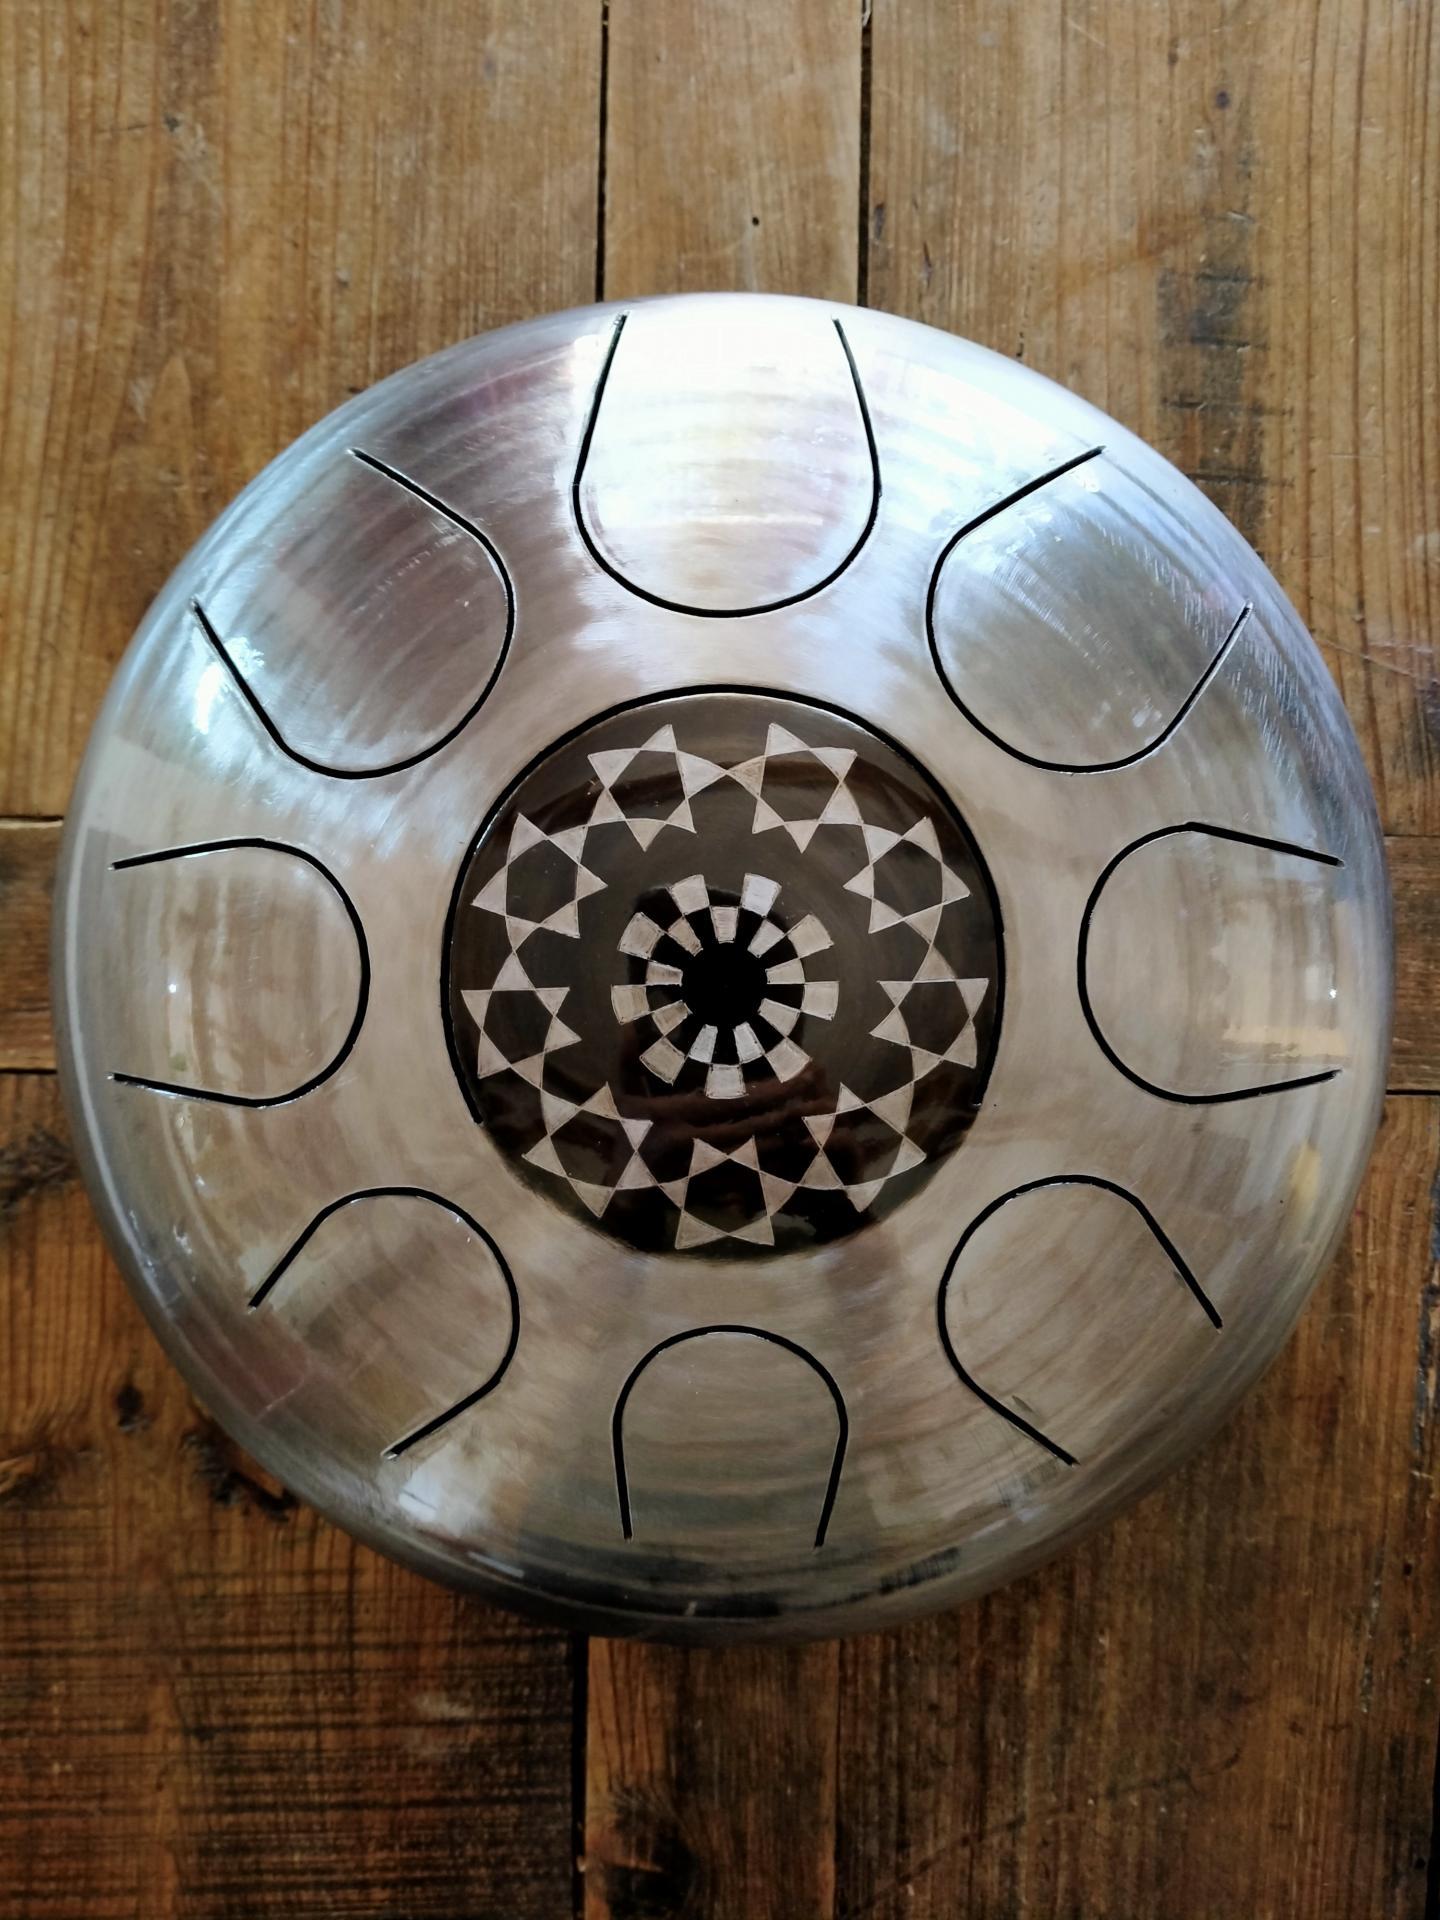 Steel tongue drum gravé , Sound circle.